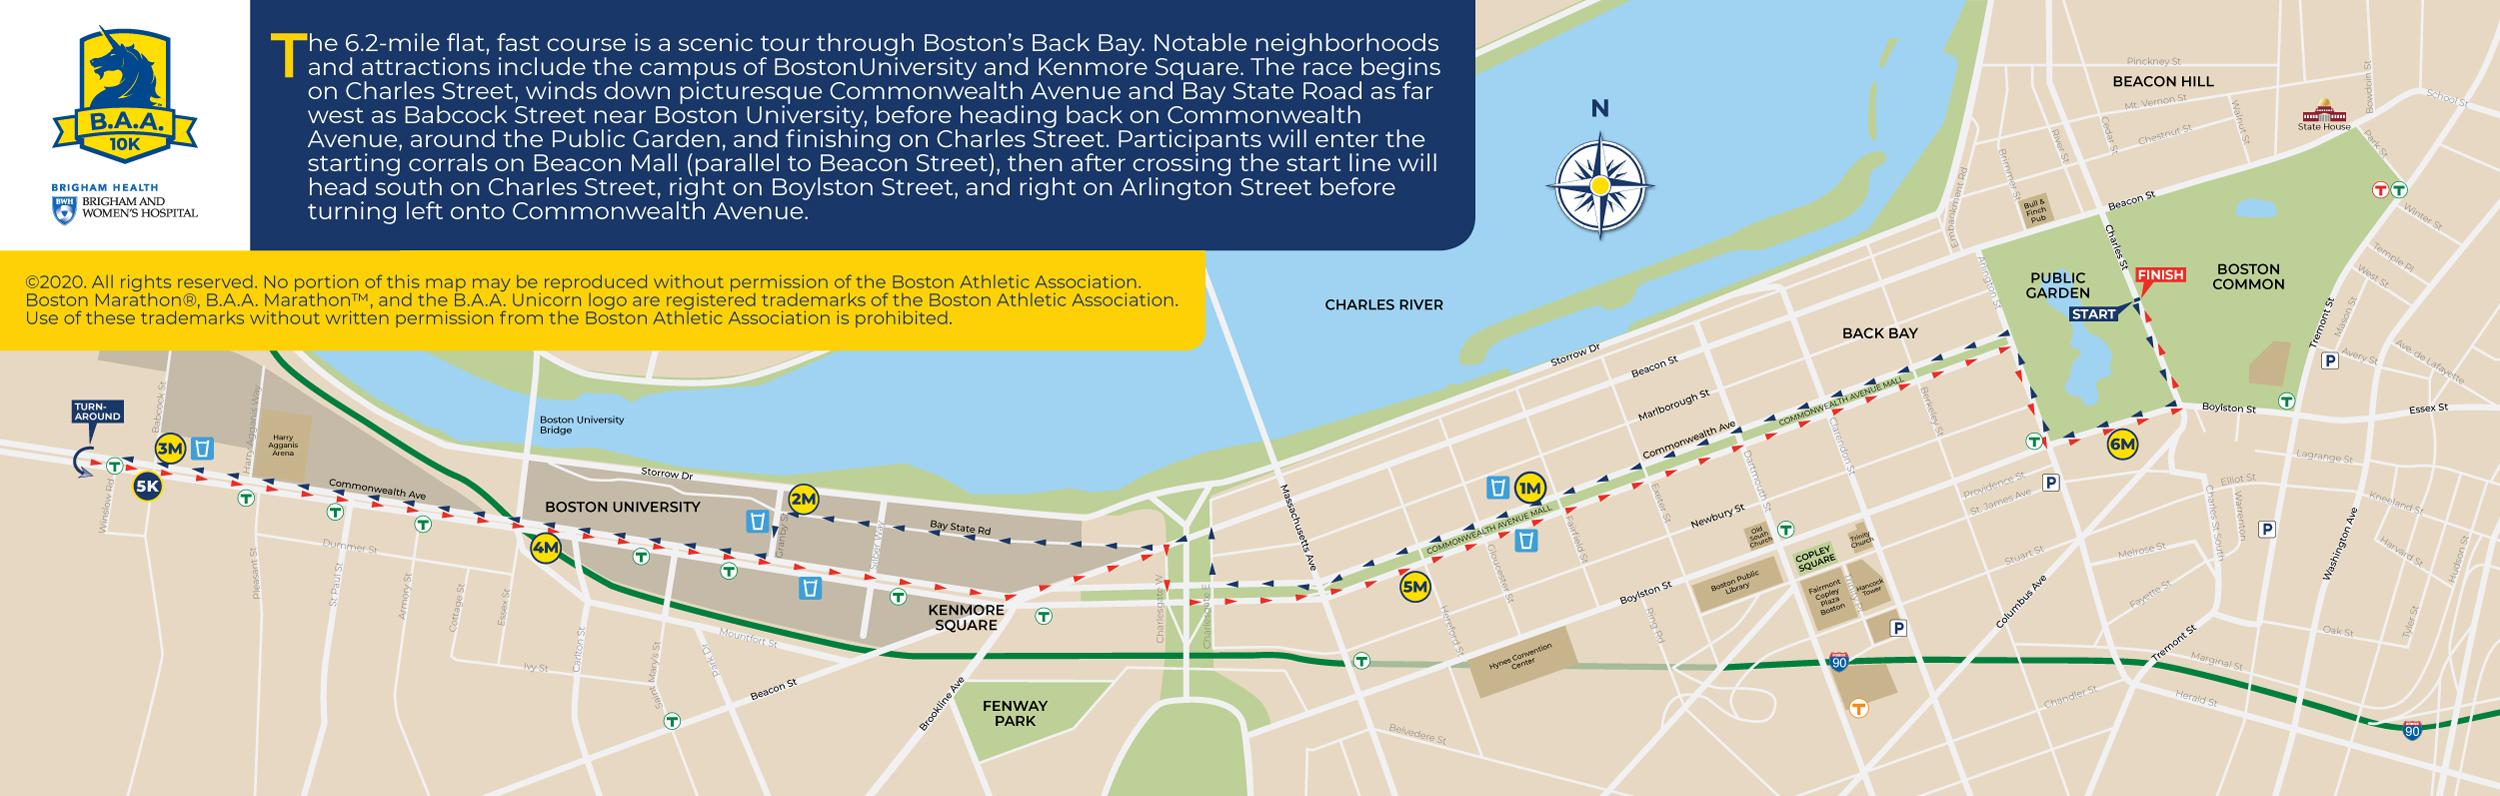 Boston 10k route